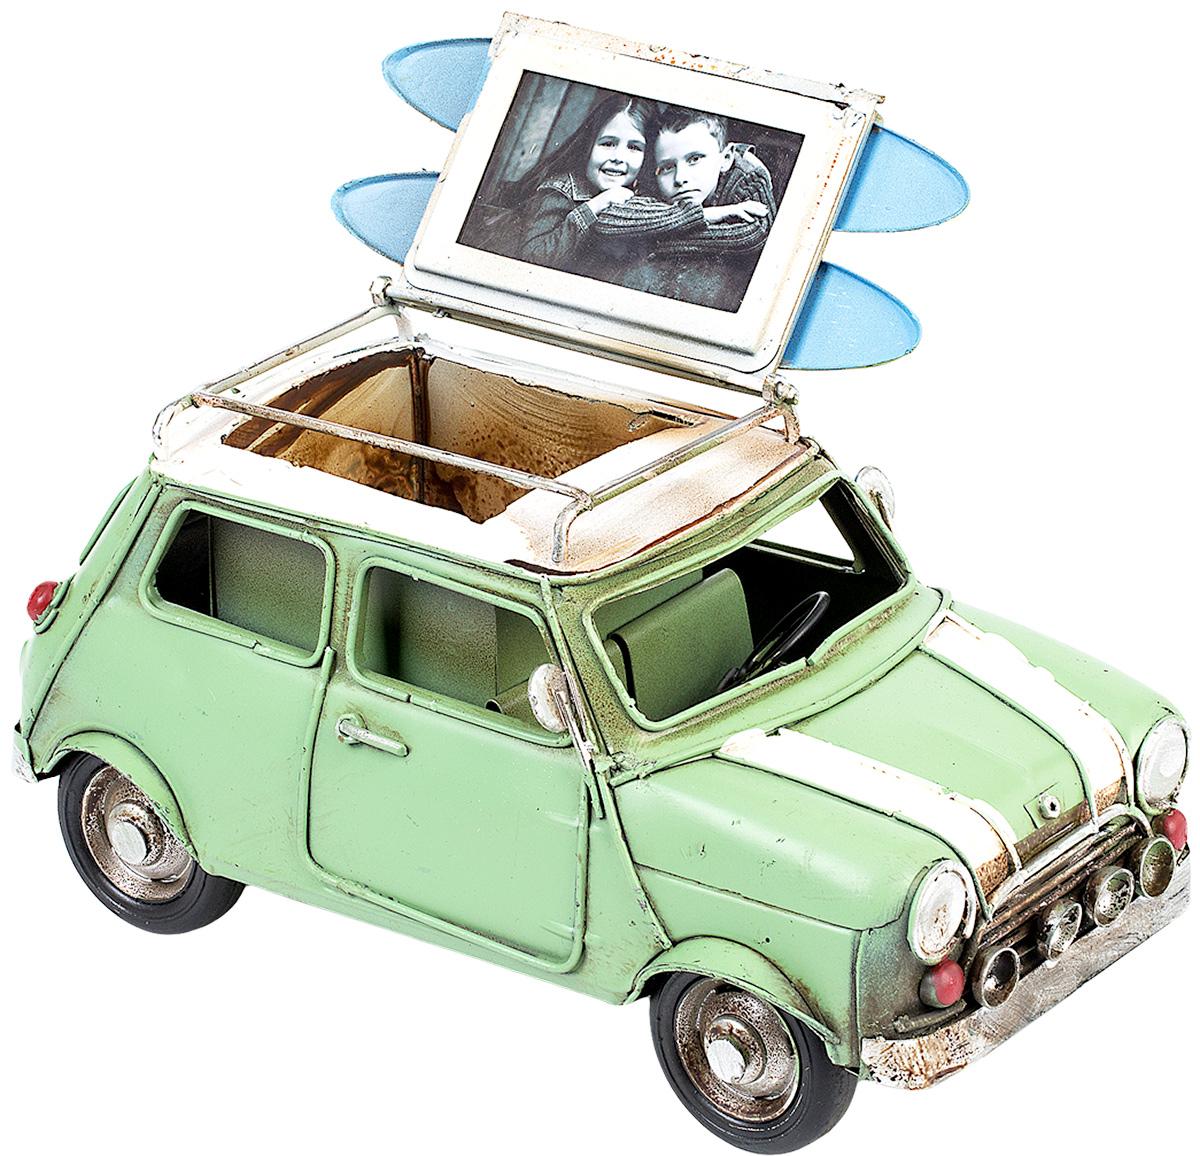 Модель Platinum Автомобиль, с фоторамкой и подставкой для ручек. 1404E-43431404E-4343Модель Platinum Автомобиль, выполненная из металла, станет оригинальным украшением интерьера. Вы можете поставить модель ретро- автомобиля в любом месте, где она будет удачно смотреться. Изделие дополнено подставкой для ручек и фоторамкой, куда вы можете вставить вашу любимую фотографию. Качество исполнения, точные детали и оригинальный дизайн выделяют эту модель среди ряда подобных. Модель займет достойное место в вашей коллекции, а также приятно удивит получателя в качестве стильного сувенира.